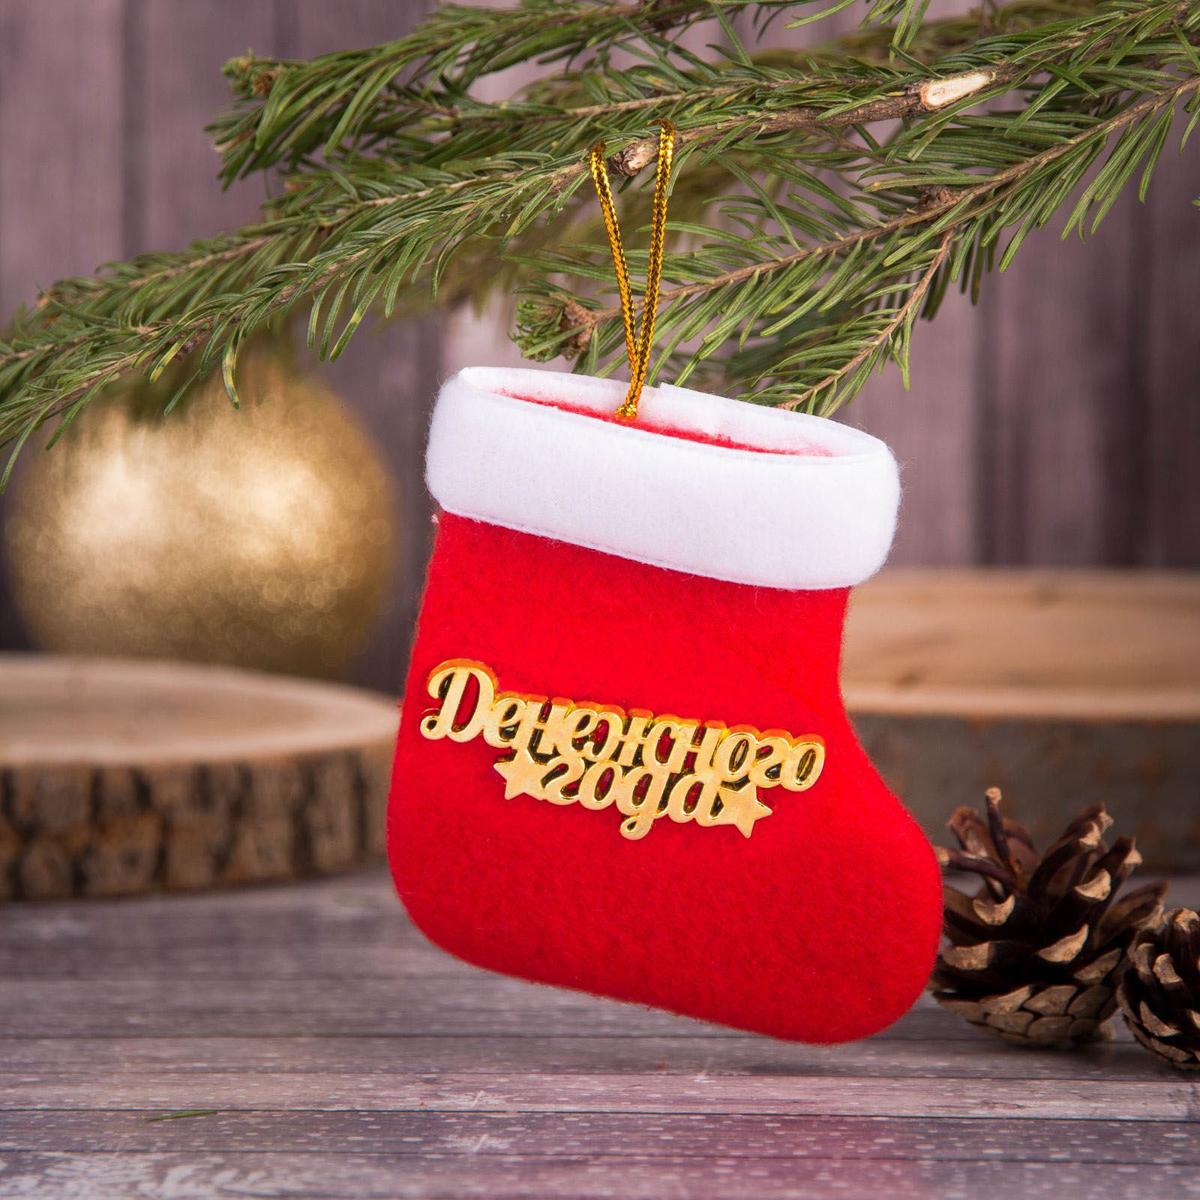 Украшение новогоднее подвесное Sima-land Носочек. Денежного года, 7,8 х 7 см2299813Невозможно представить нашу жизнь без праздников! Мы всегда ждём их и предвкушаем, обдумываем, как проведём памятный день, тщательно выбираем подарки и аксессуары, ведь именно они создают и поддерживают торжественный настрой.